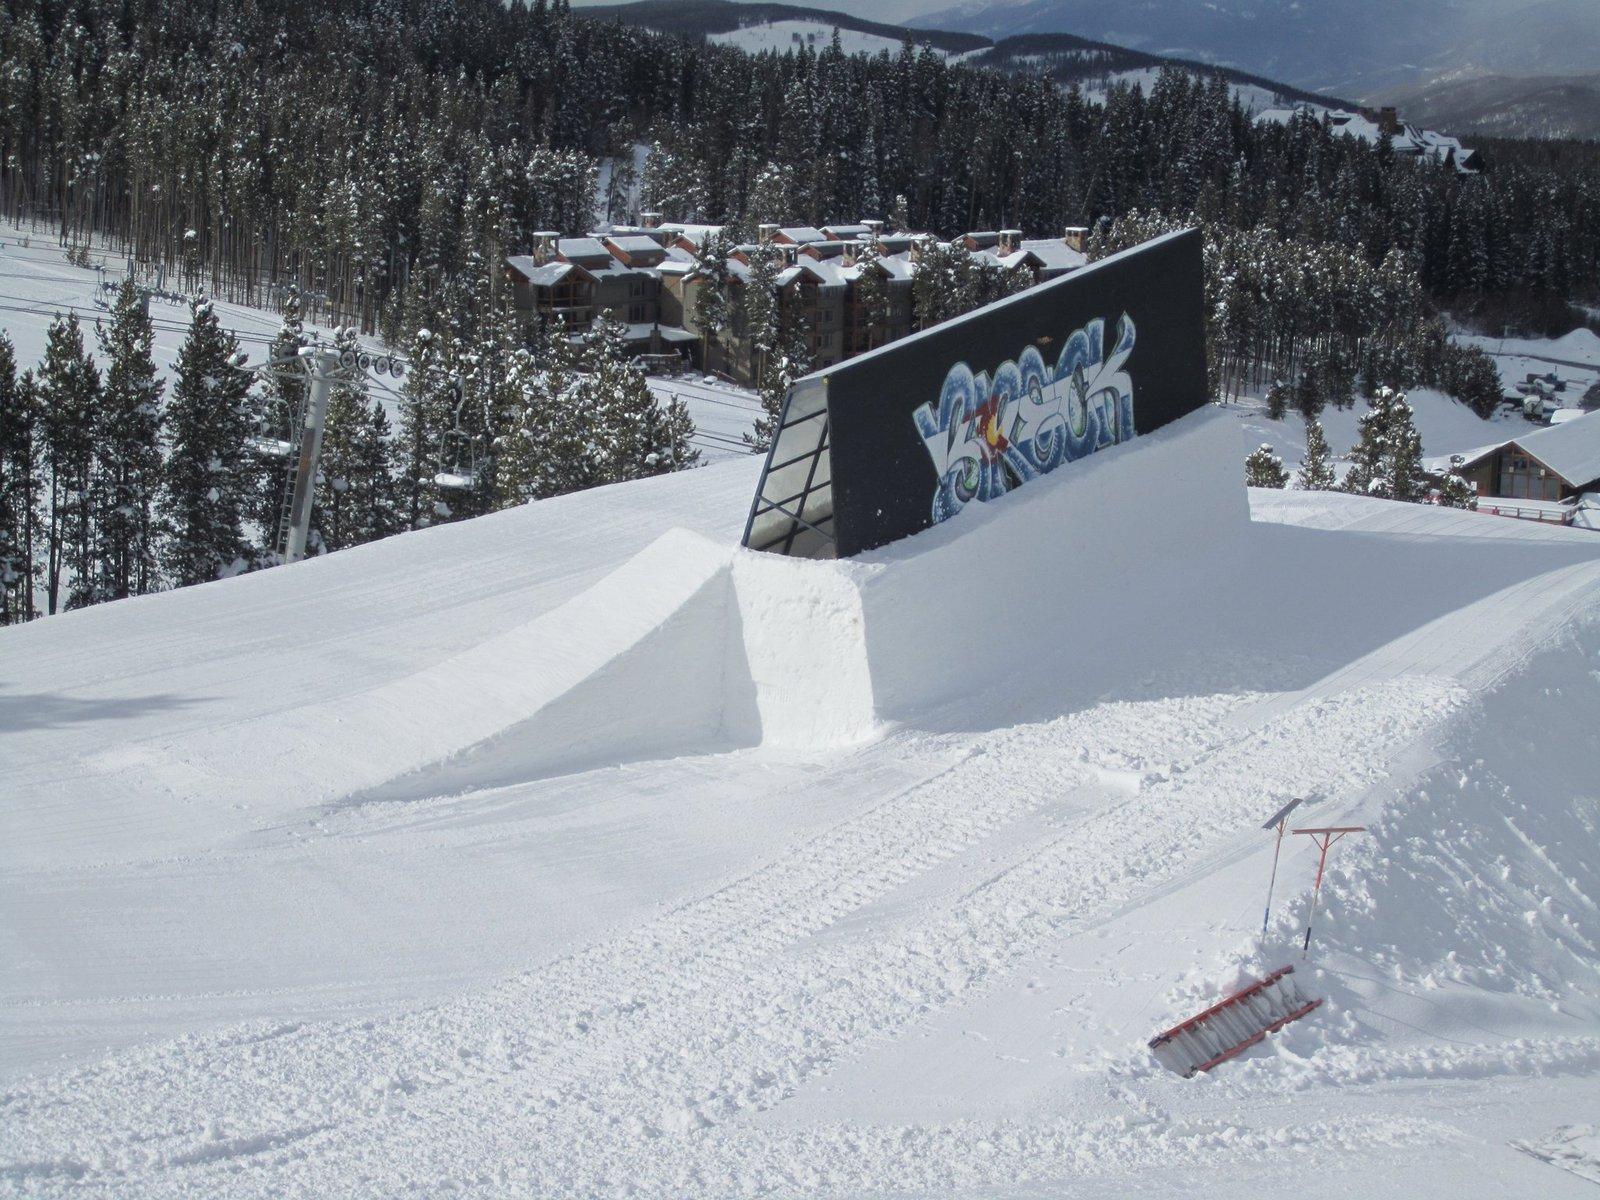 Level 1 breck shoots